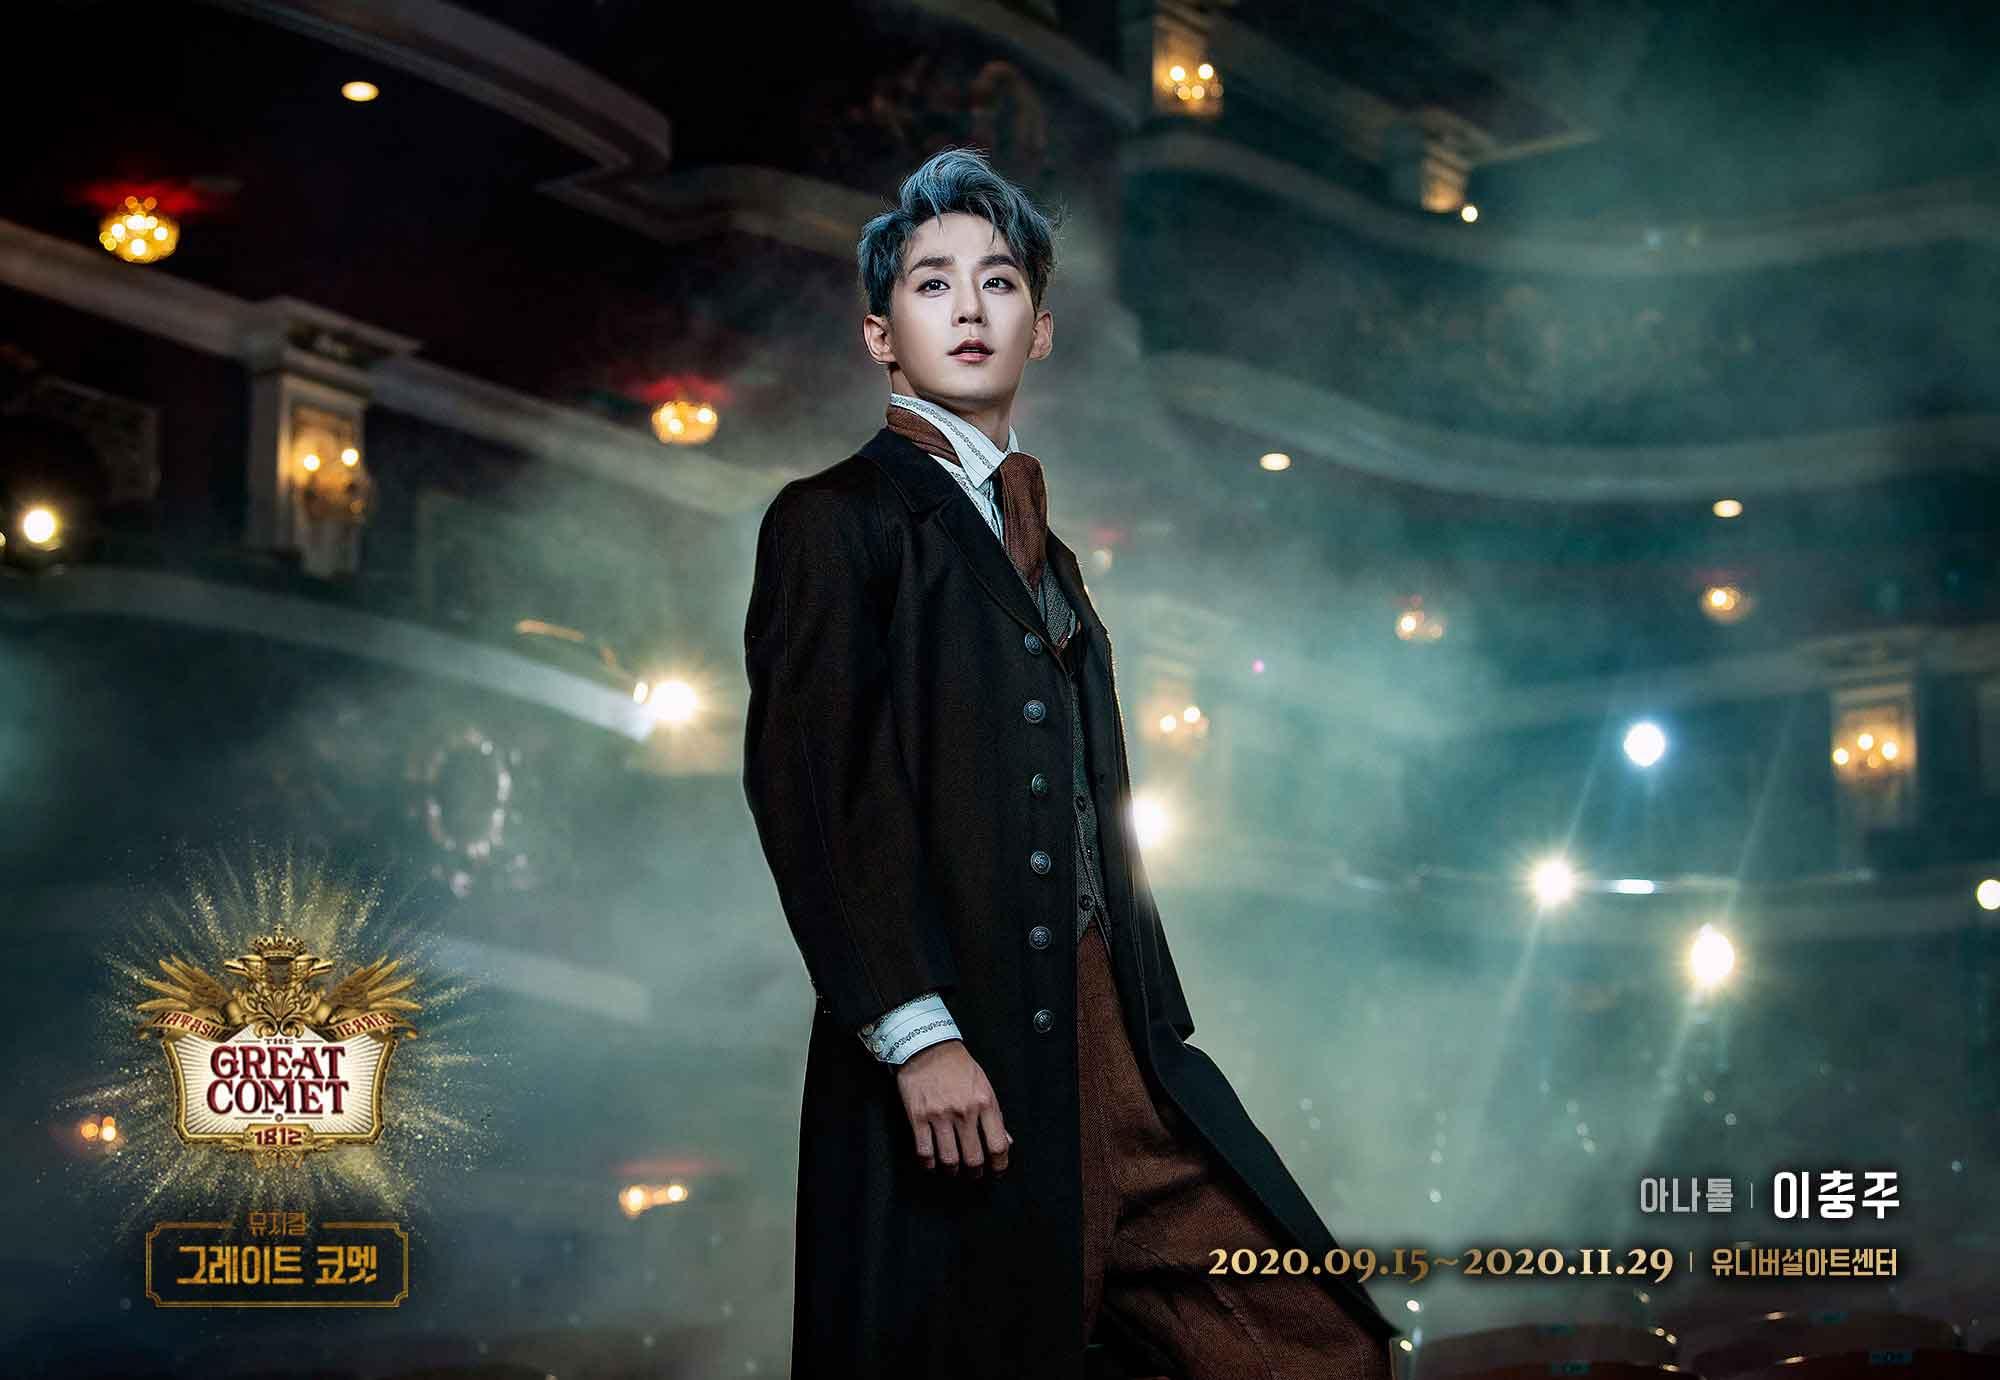 Lee-Choong-Joo